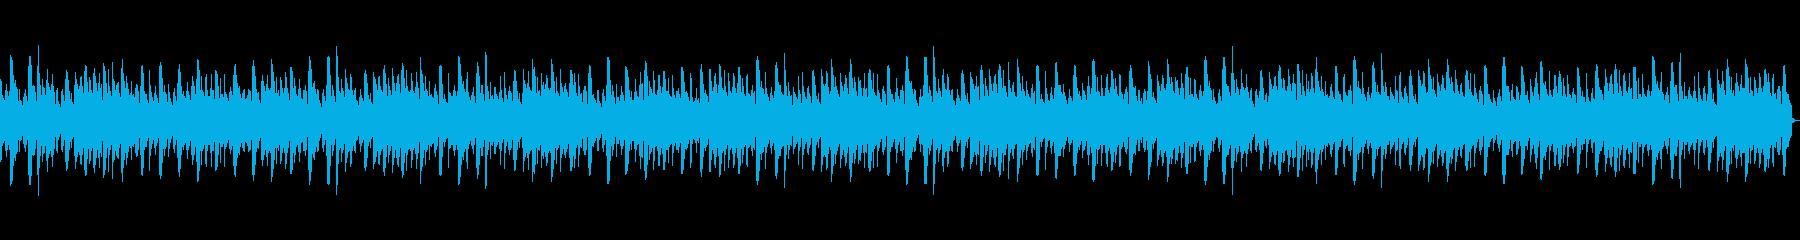 きらきら星  (アップテンポなアコギ)の再生済みの波形